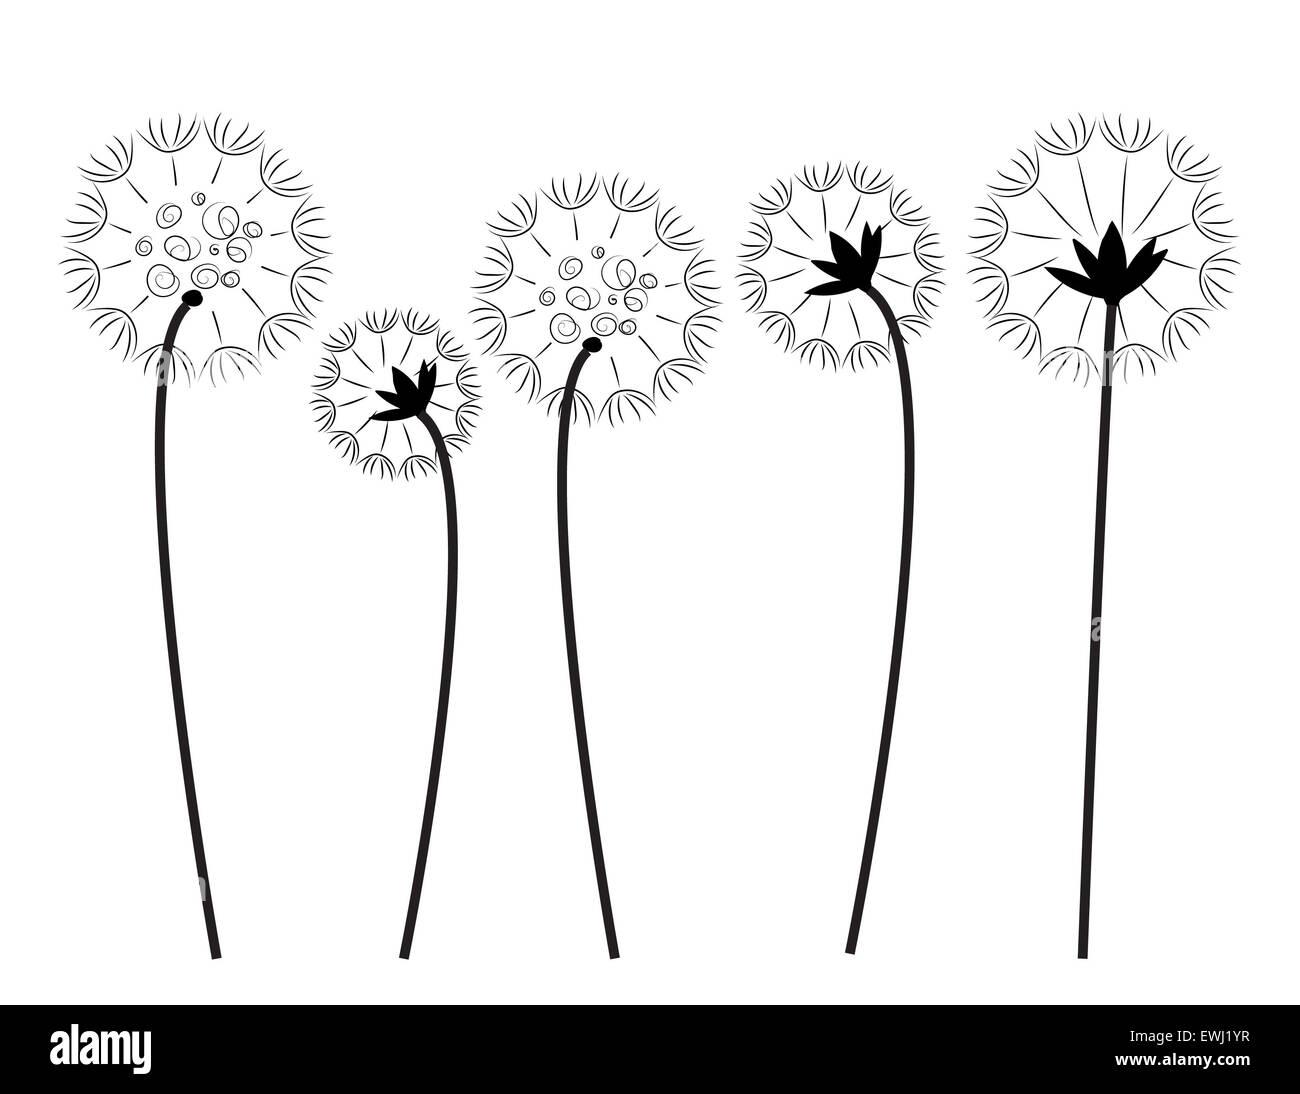 Art numérique cinq pissenlits en noir et blanc pour décorer et donner le bonheur et l'amour. Banque D'Images